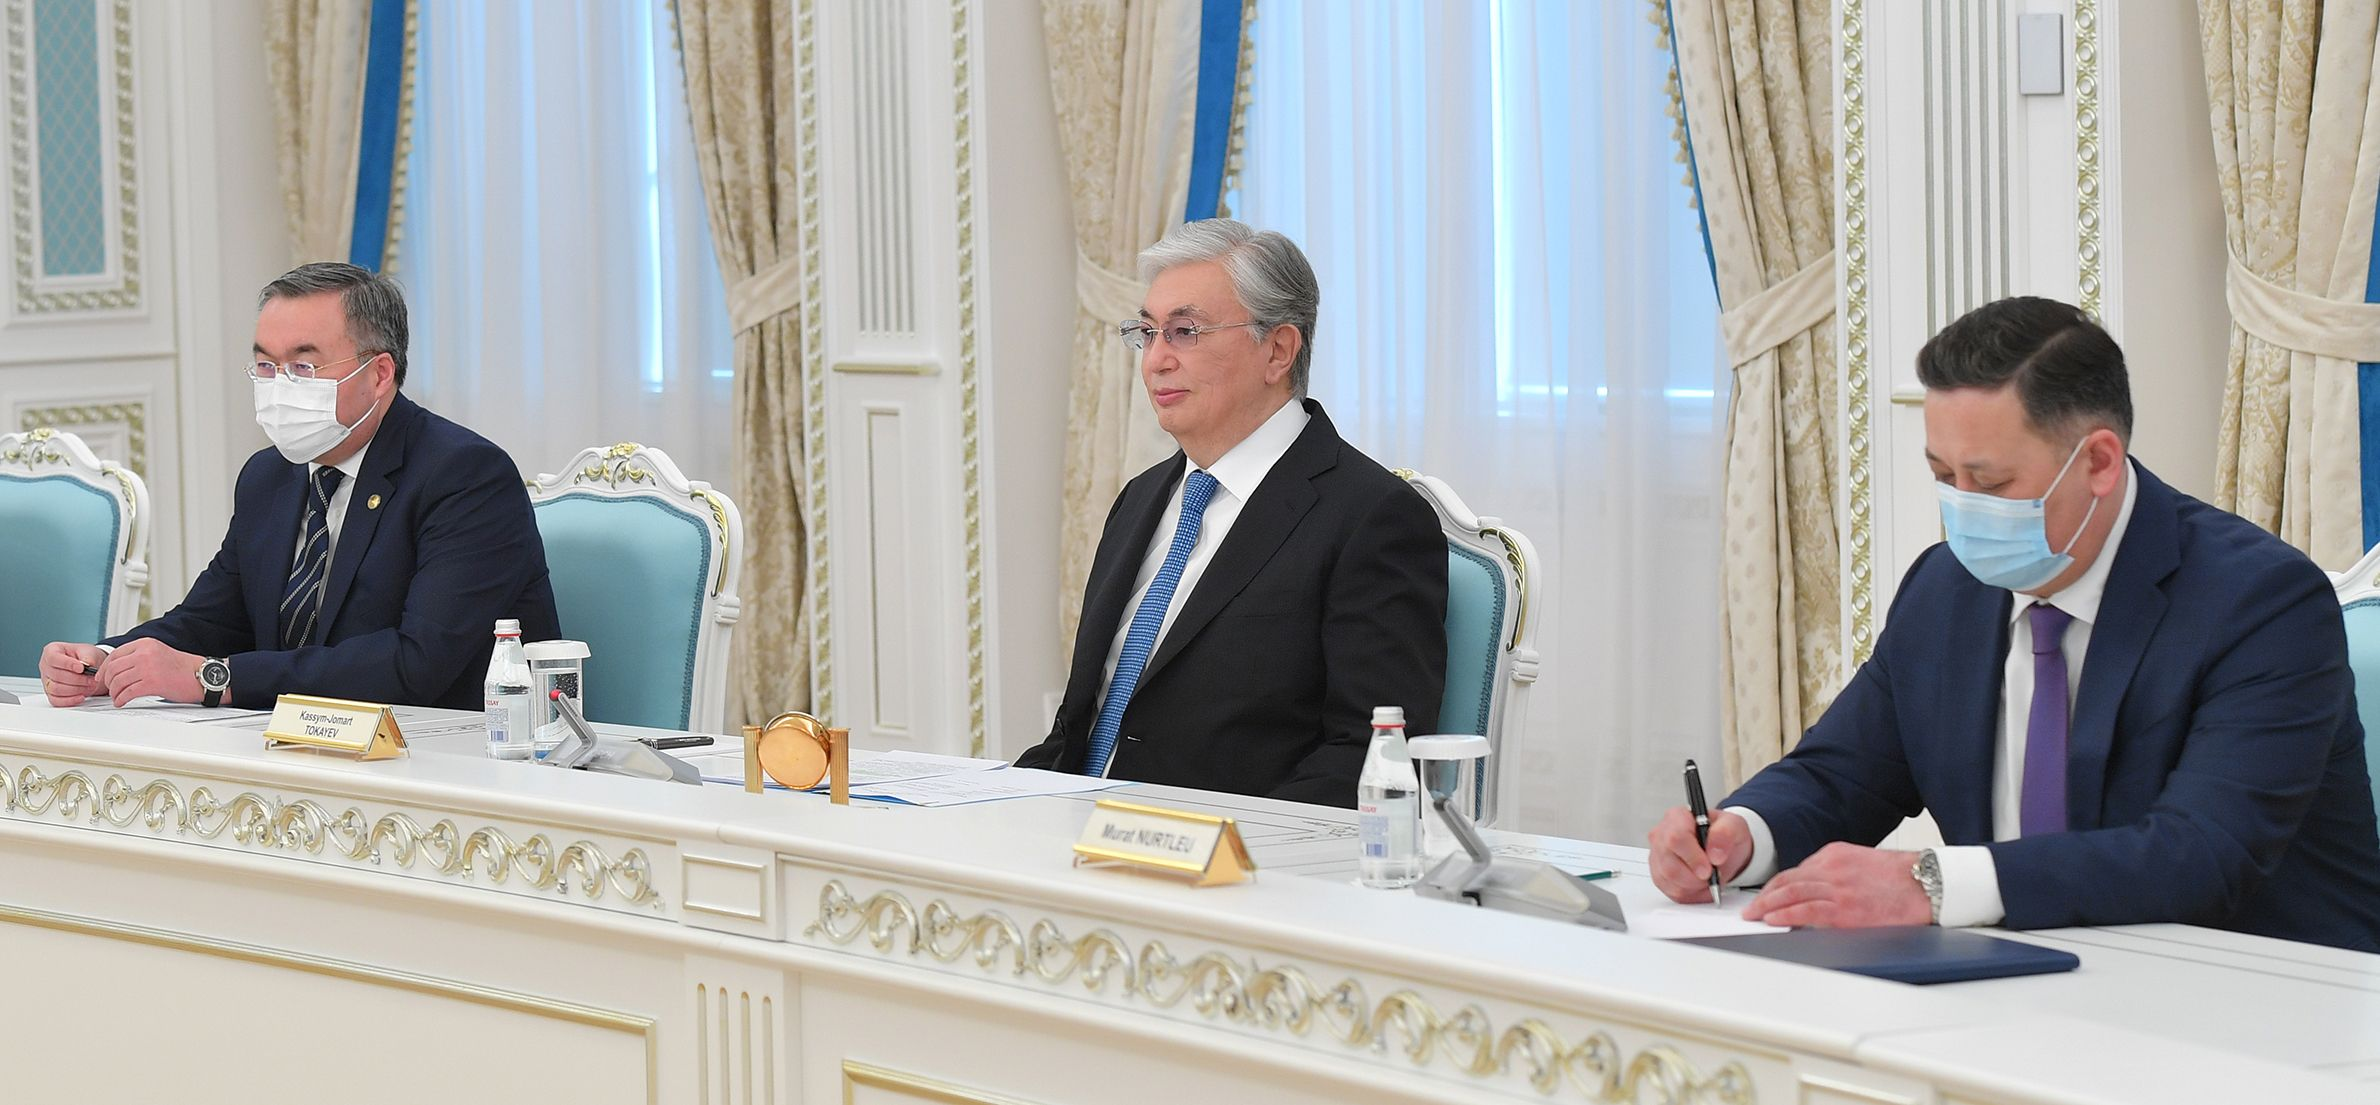 Президента пригласили посетить Иран с официальным визитом 690045 - Kapital.kz